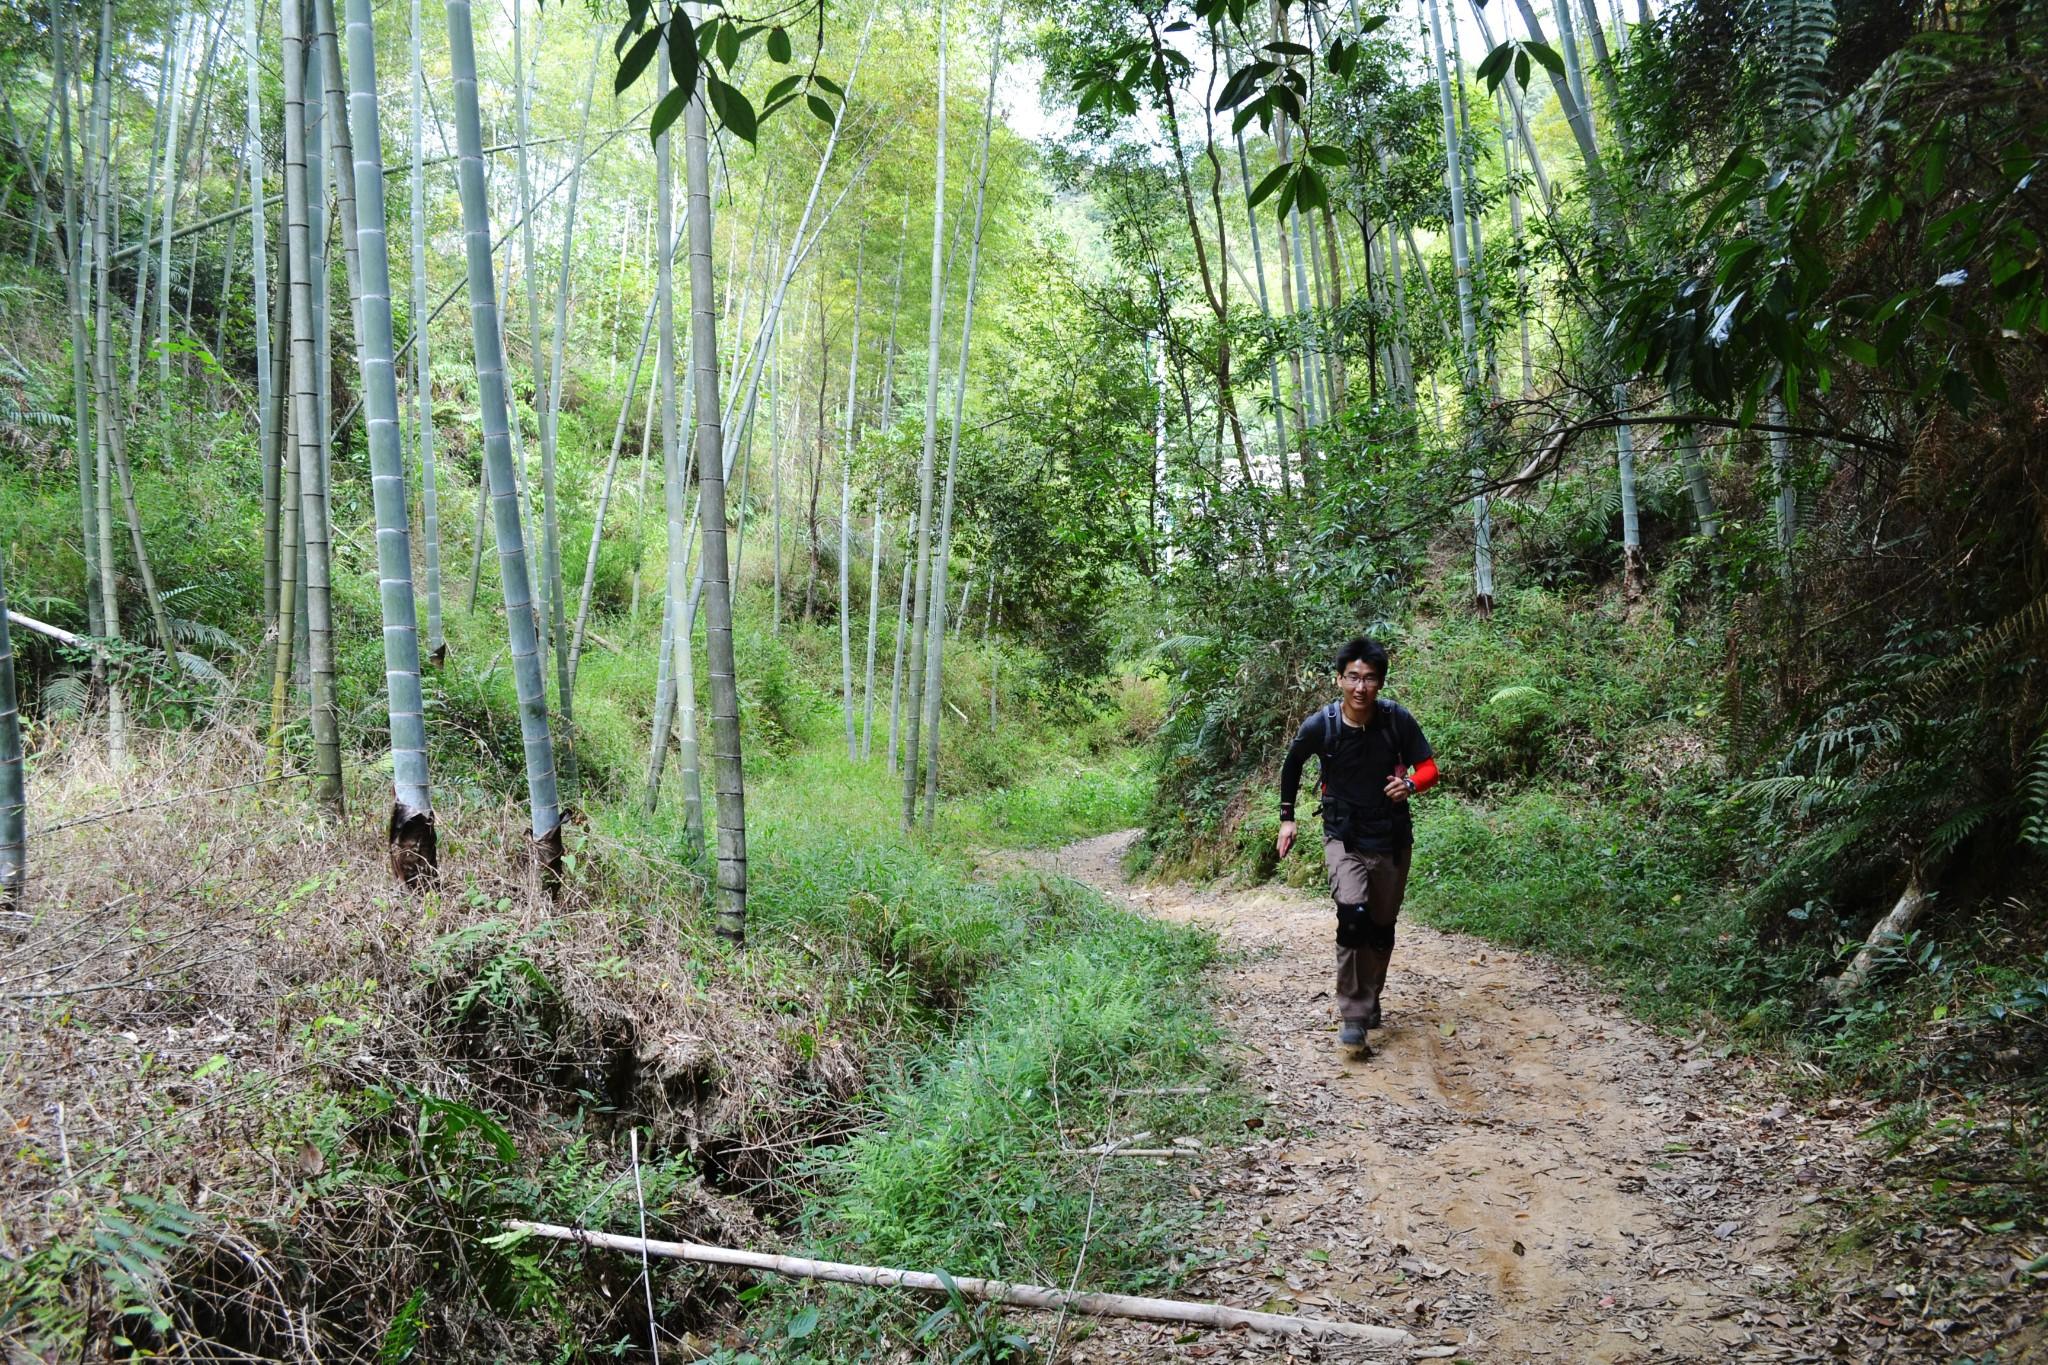 我的幸福时光在广州从化星溪线开始——星溪线攻略